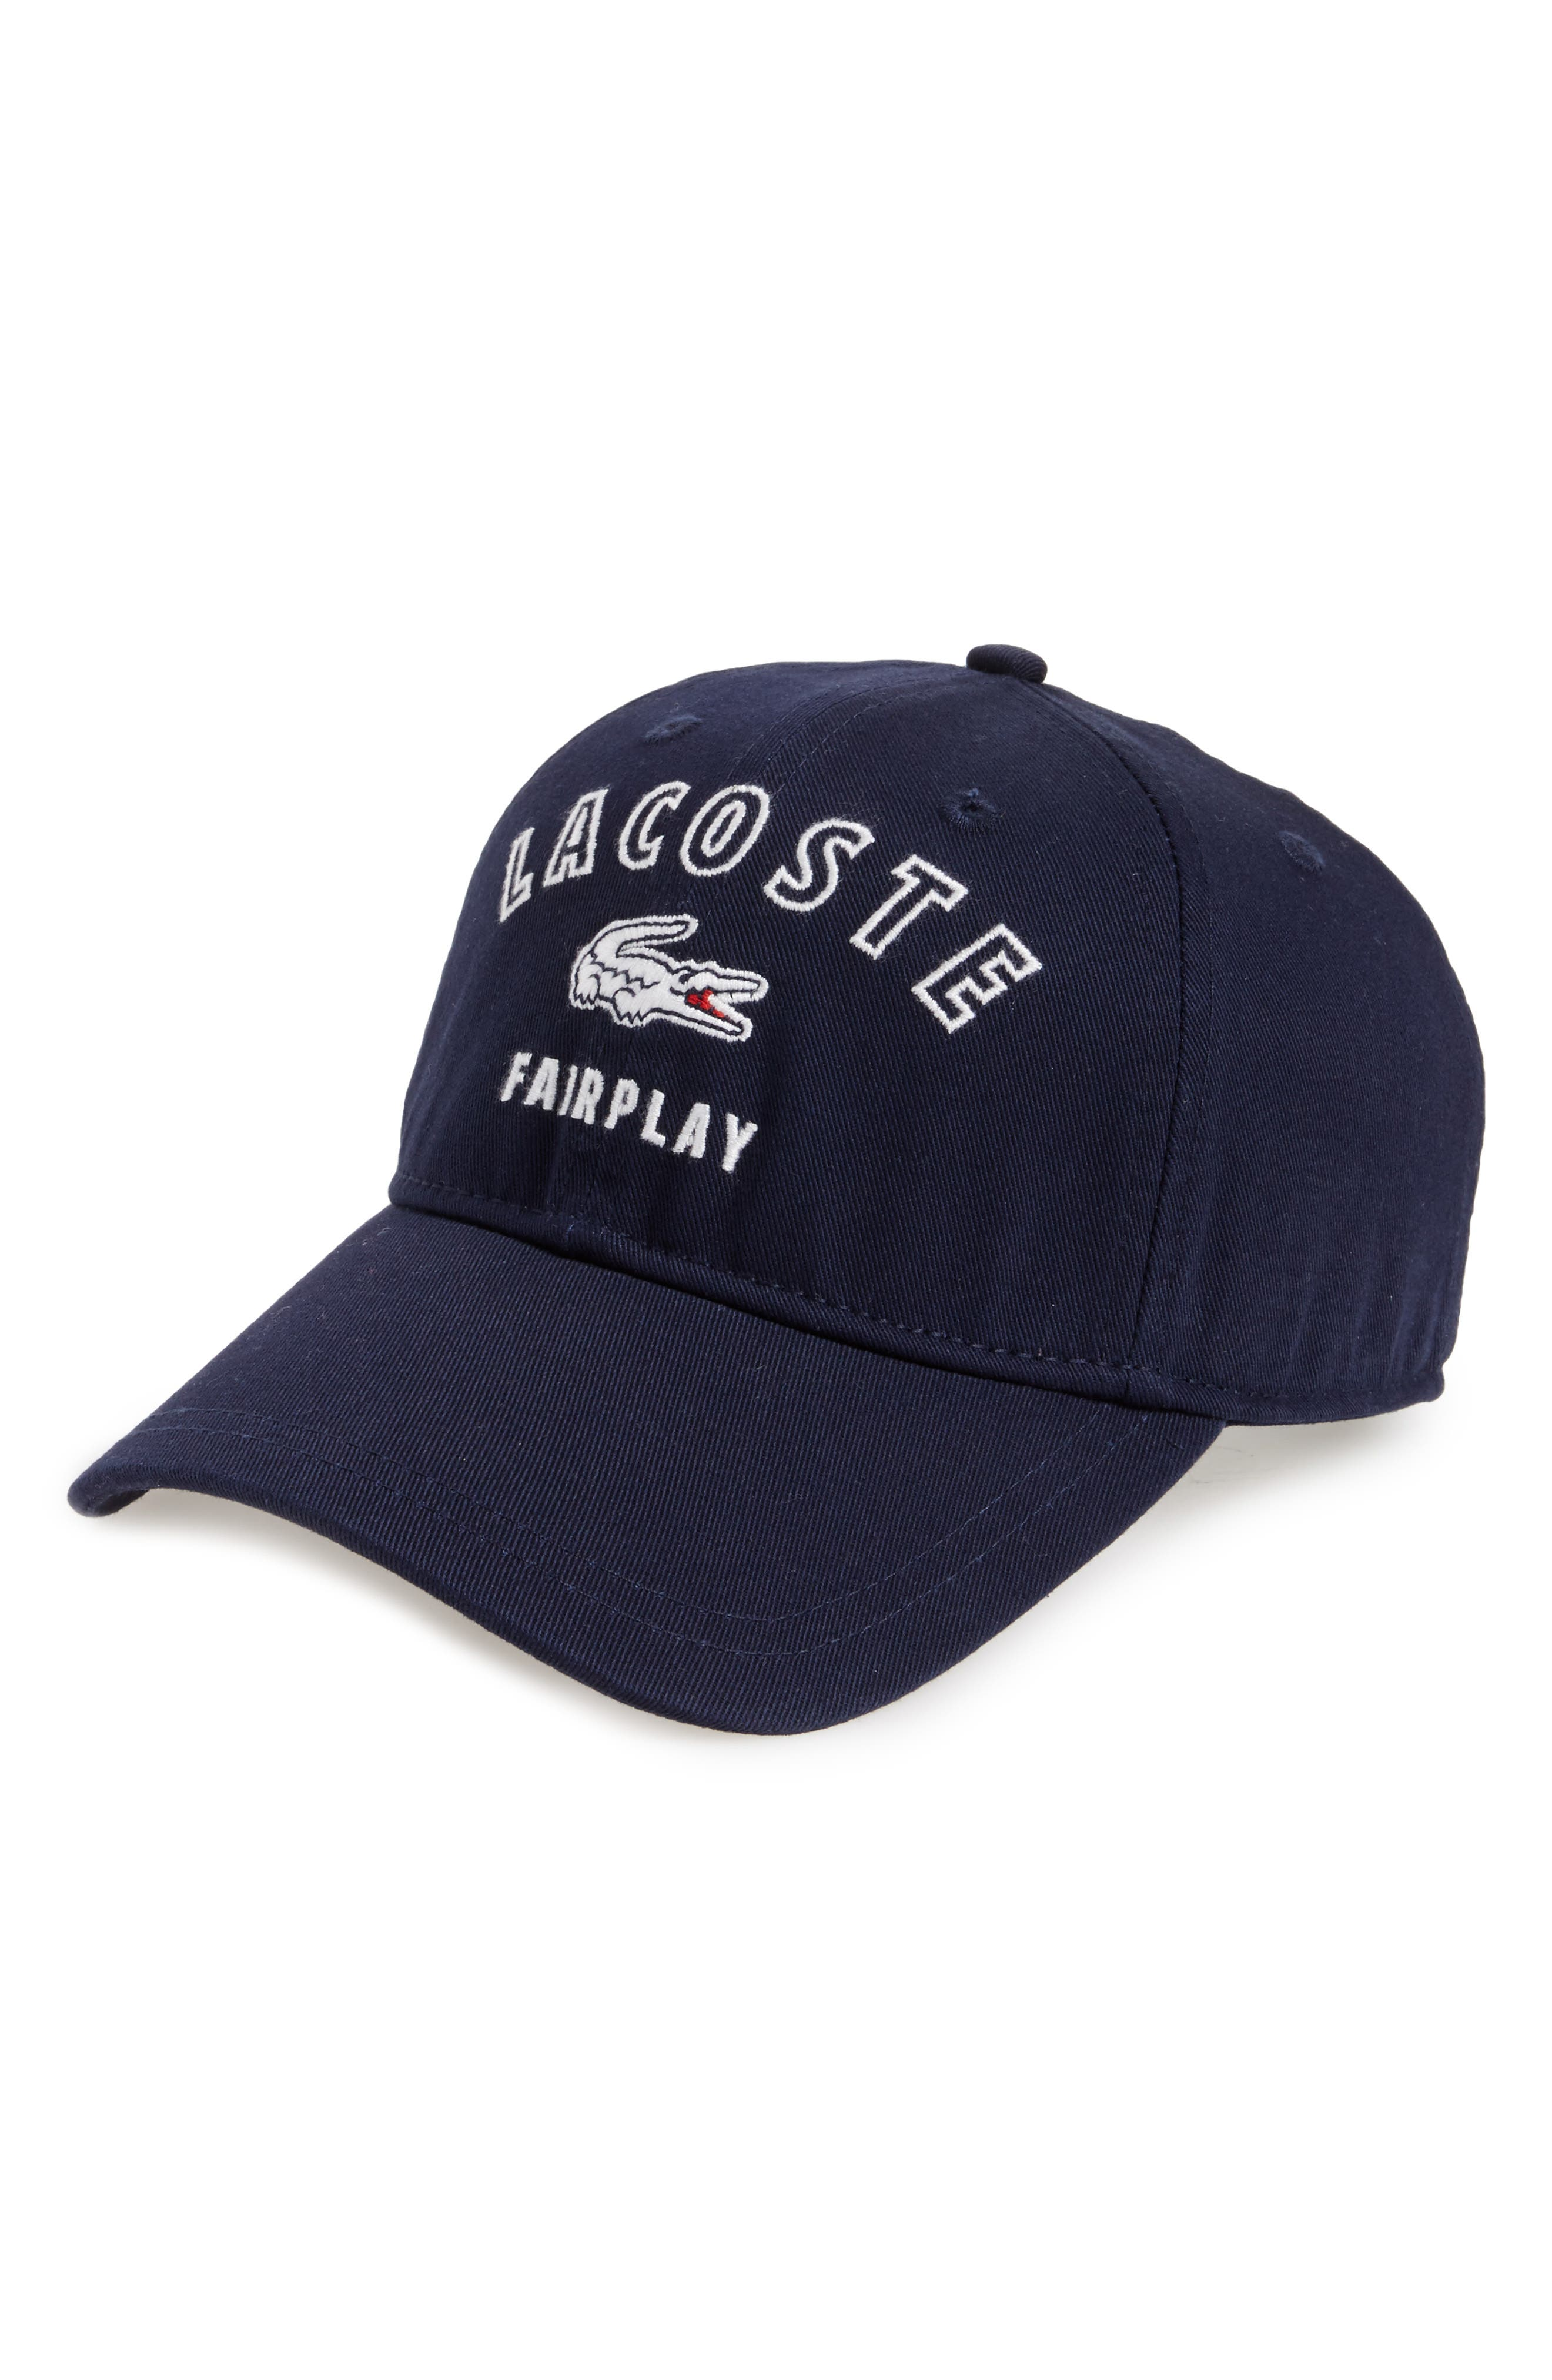 Lacoste Fairplay Gabardine Ball Cap